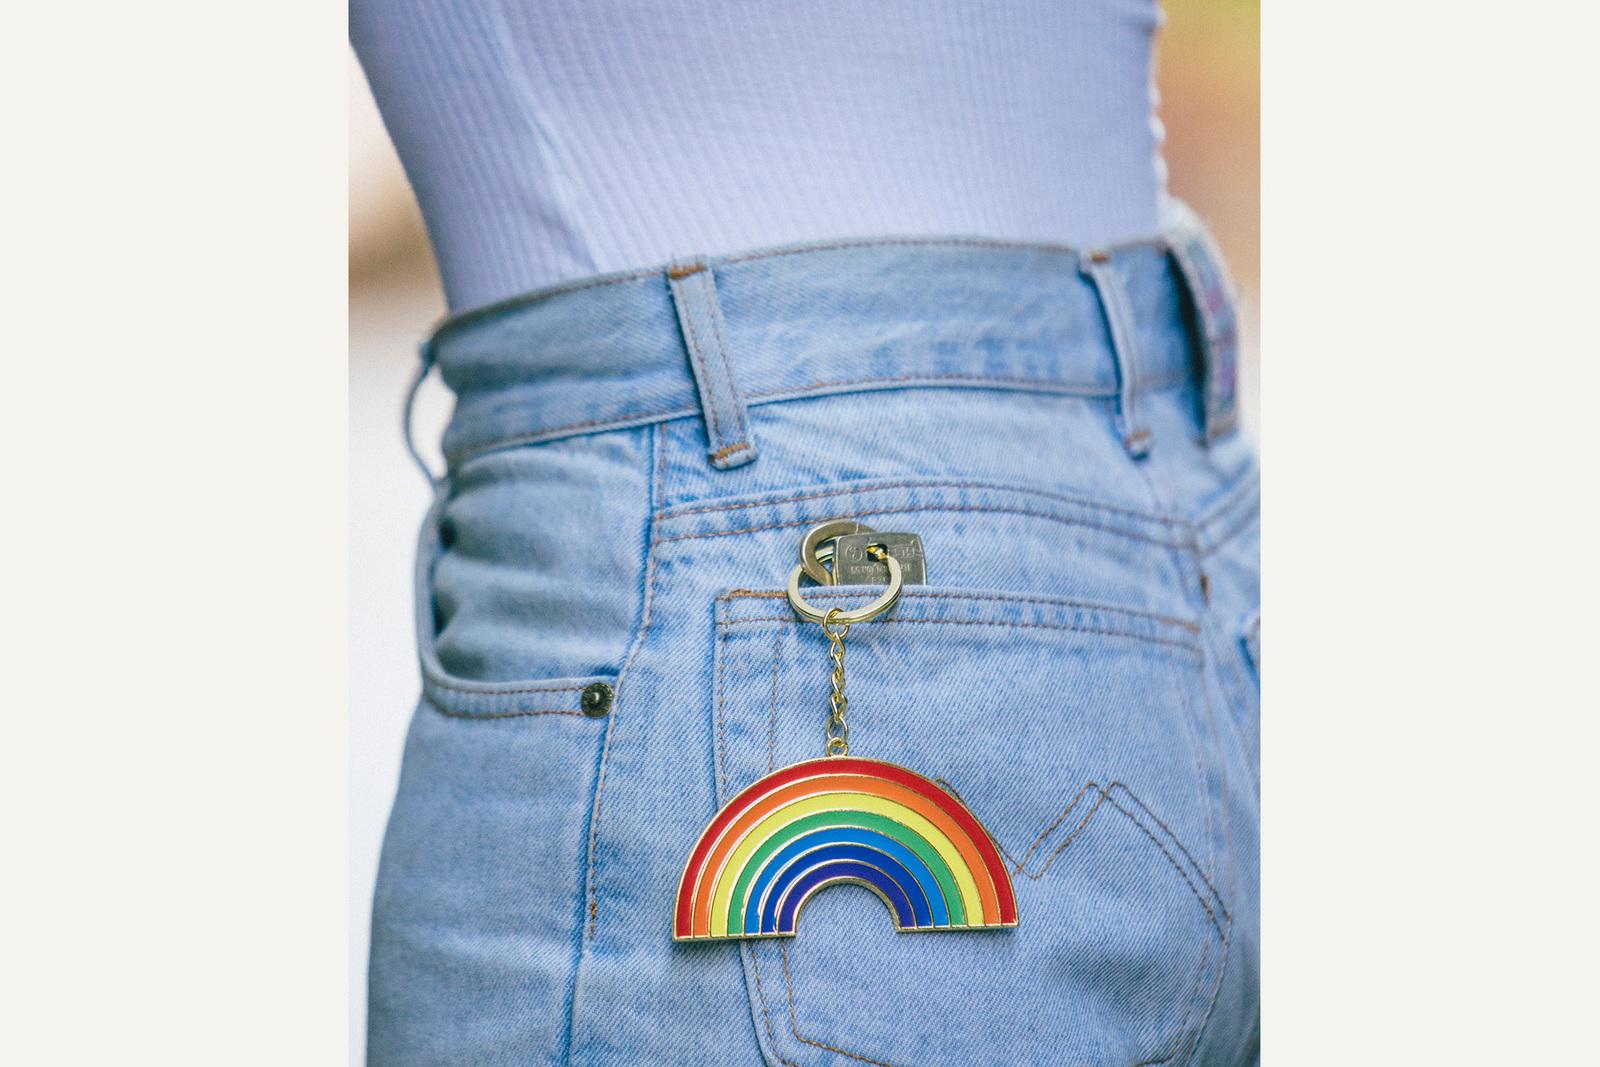 Doiy: Oversized Keyring - Rainbow image